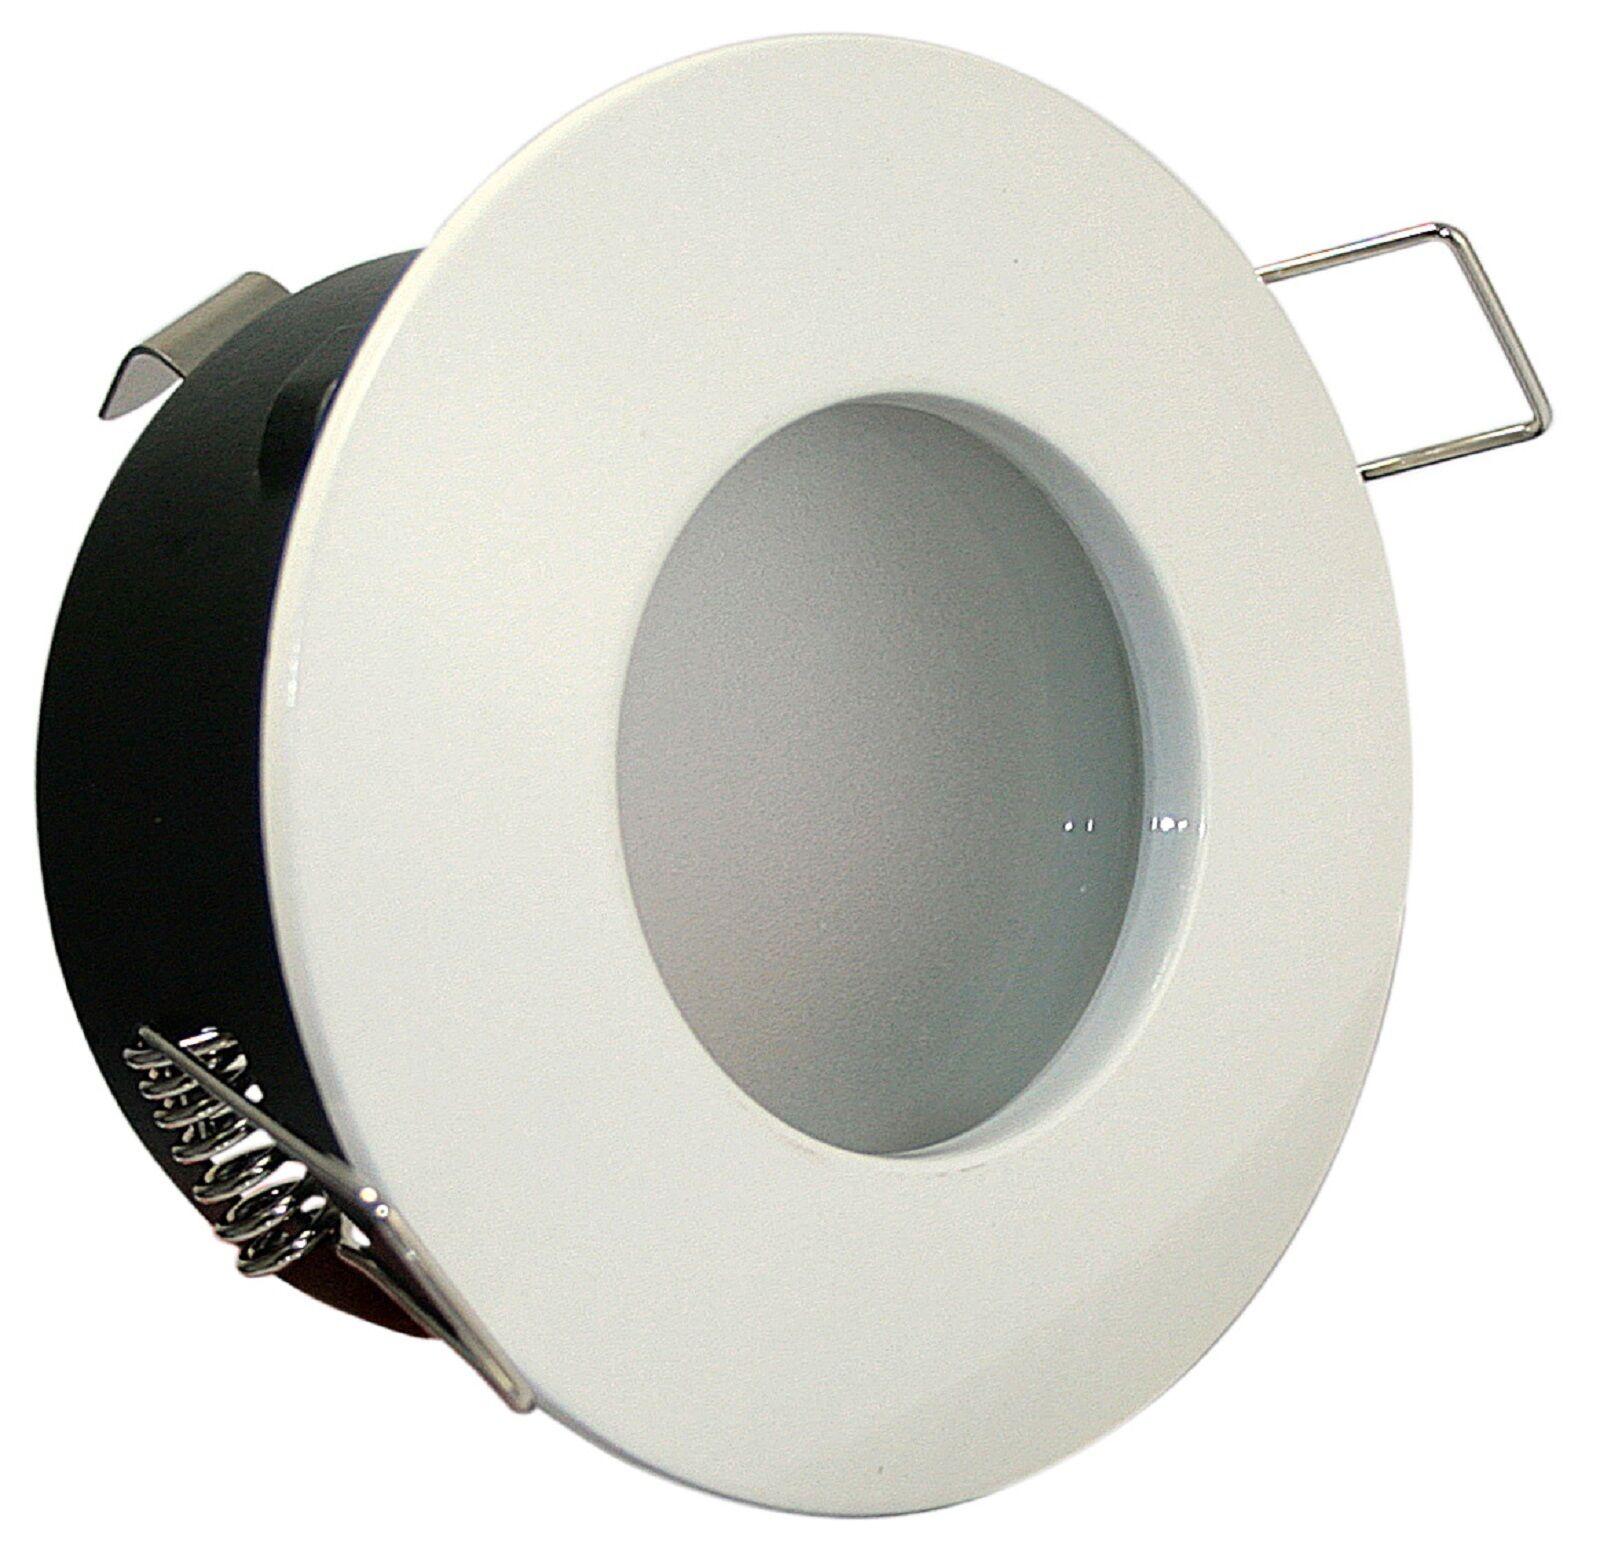 12V Niedervolt Einbauleuchte Badezimmer IP65 inkl MR16 + GU10 Fassung Dusche